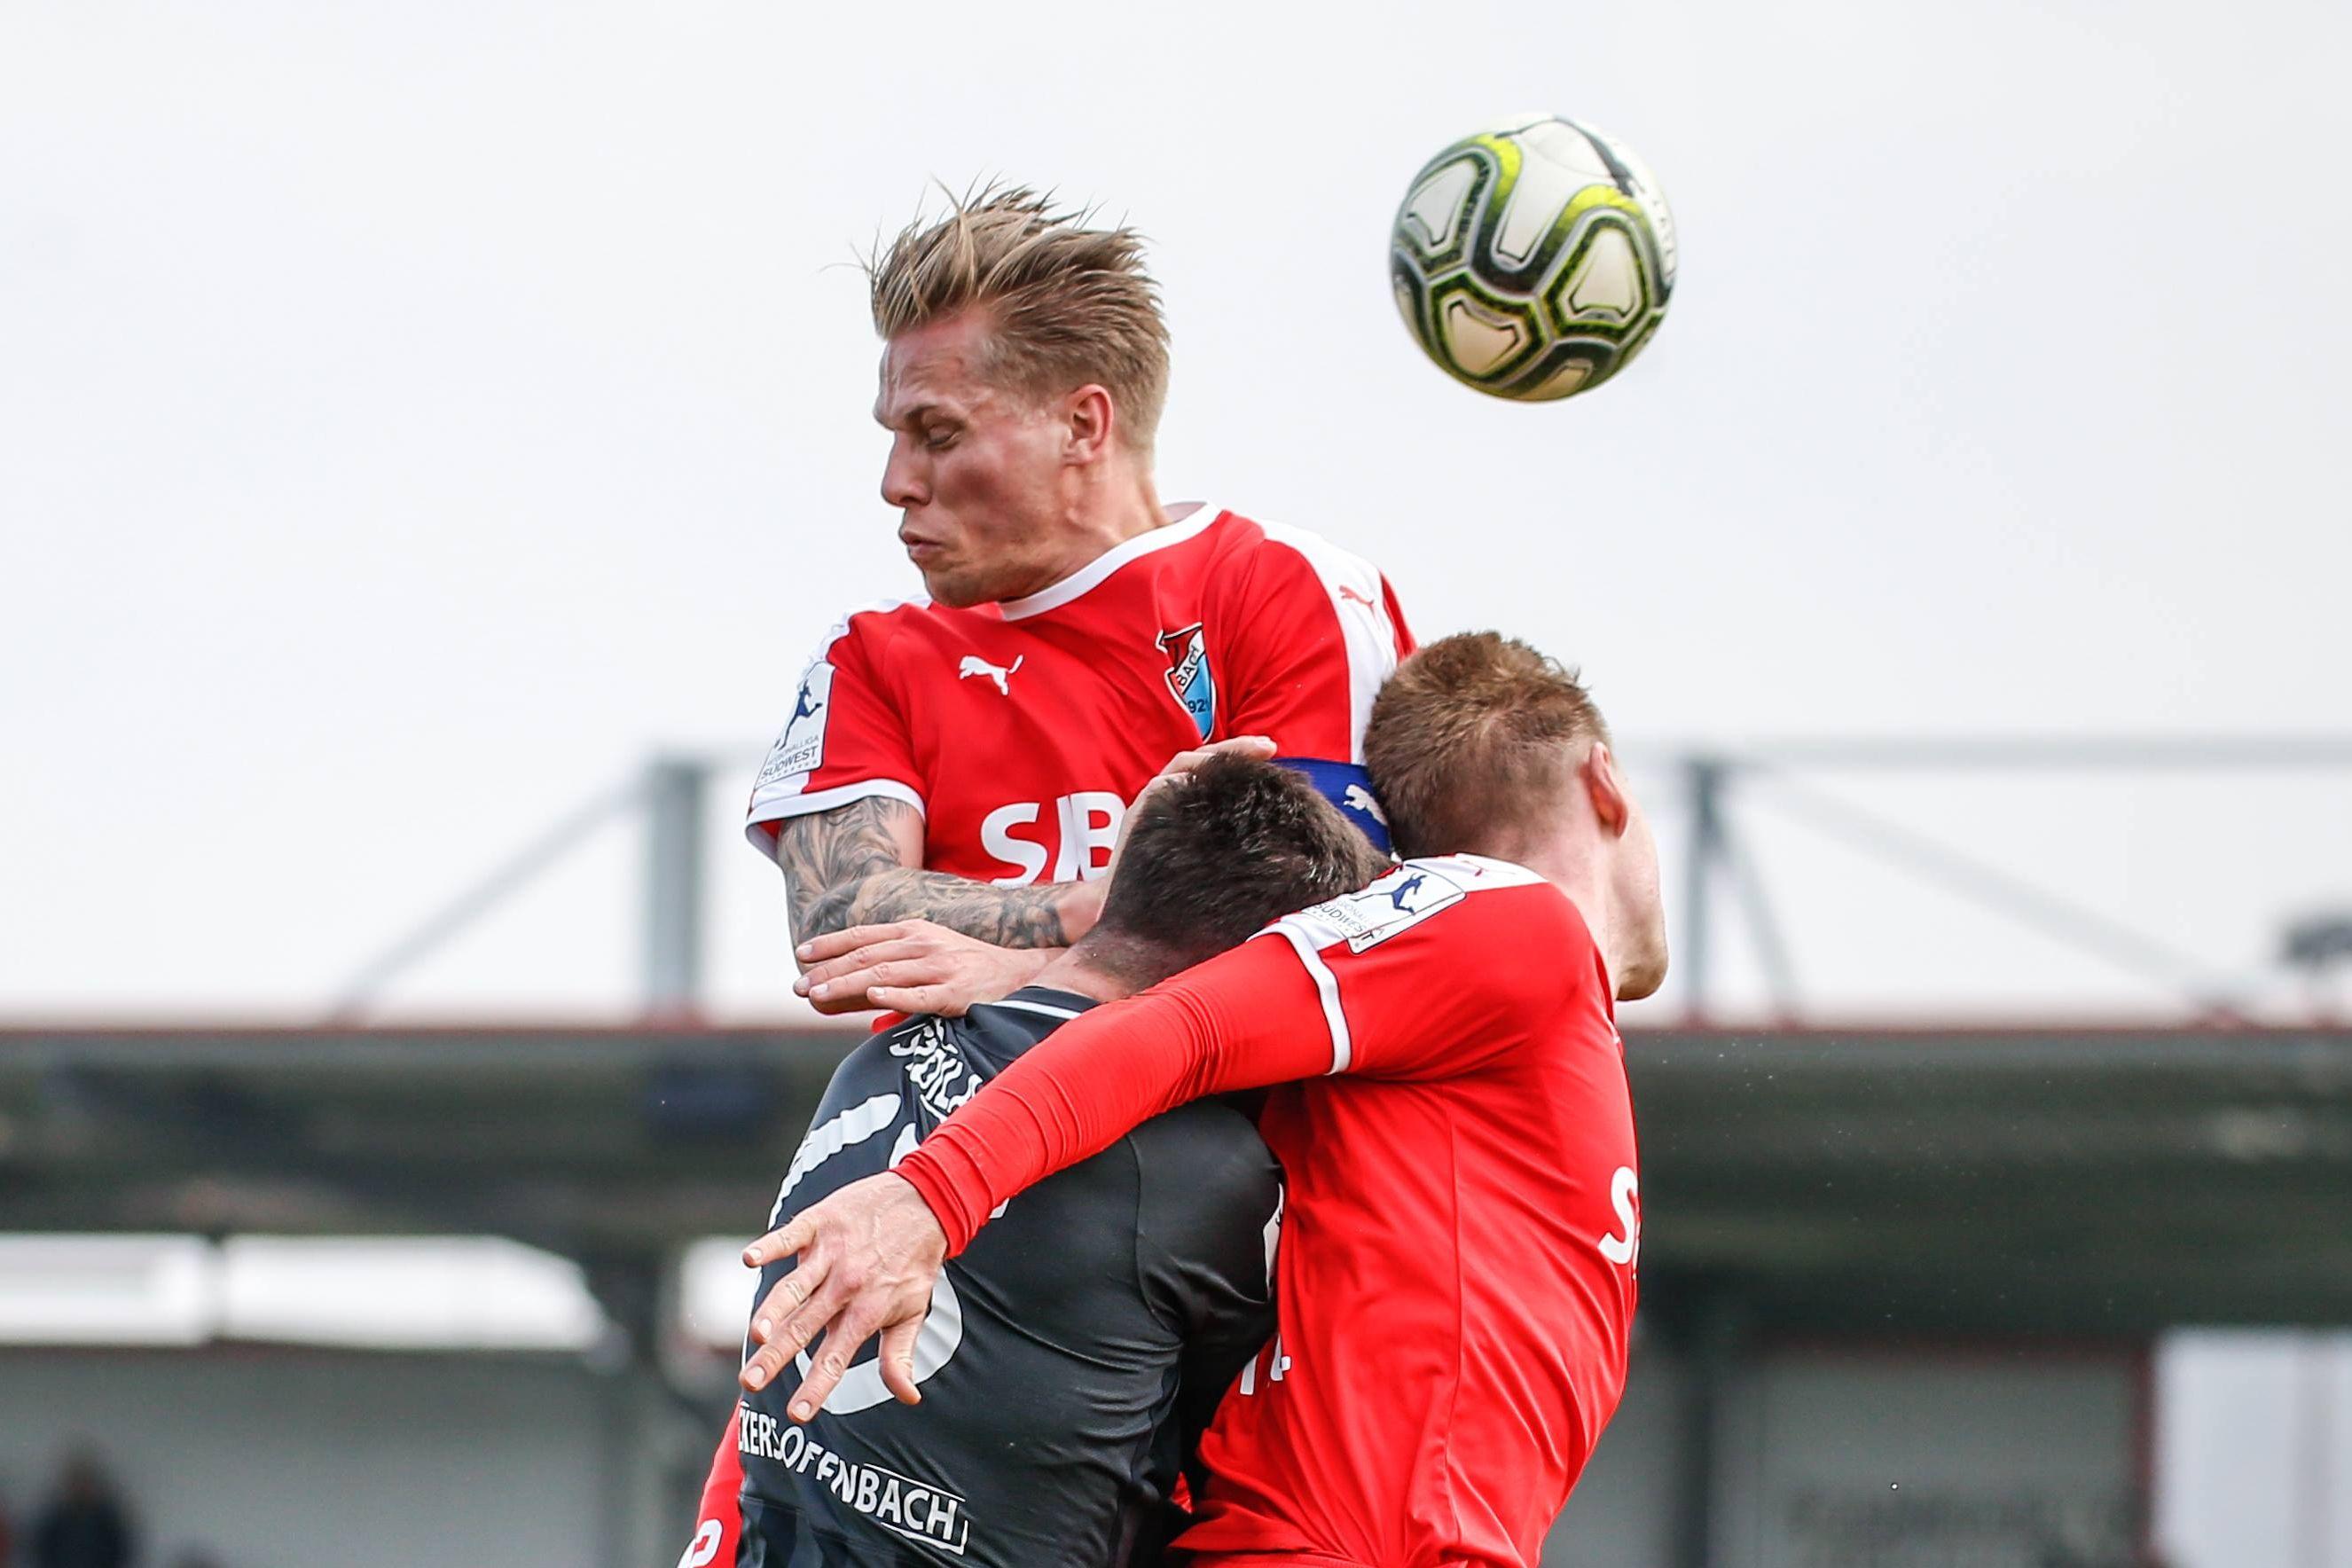 Timo Kunert vom TSV Steinbach Haiger im Spiel gegen Kickers Offenbach